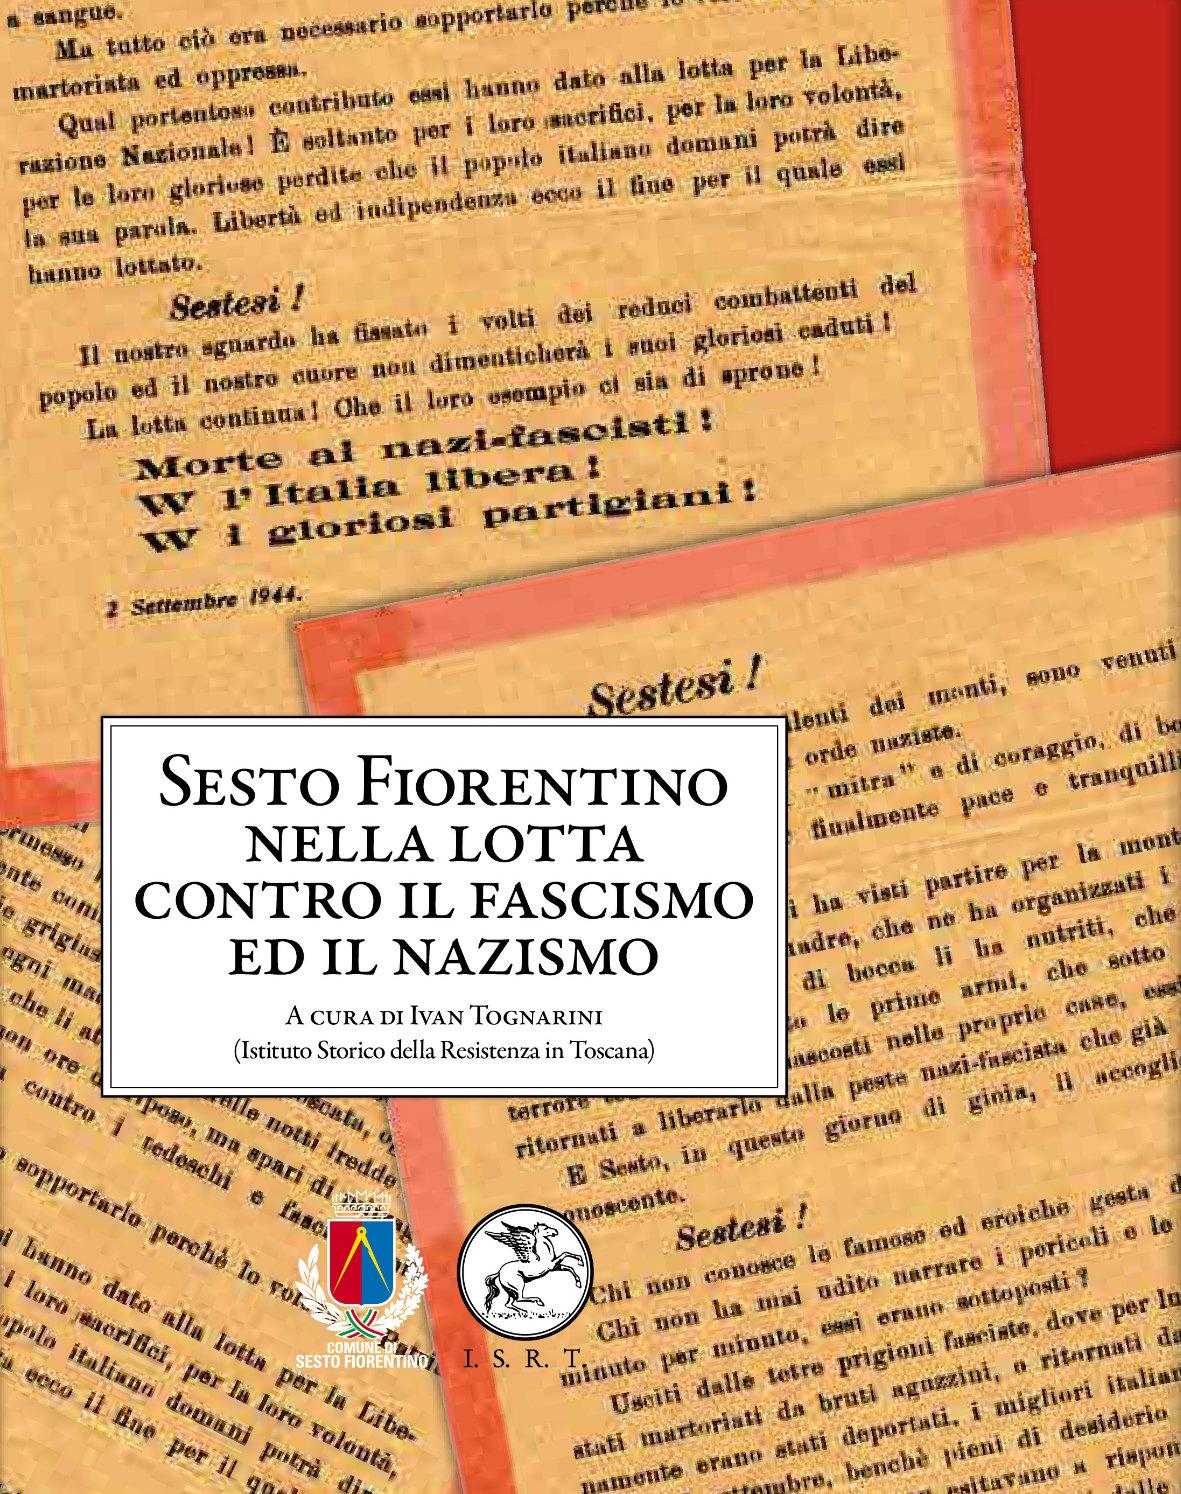 Sesto fiorentino nella lotta contro il fascismo e il nazismo